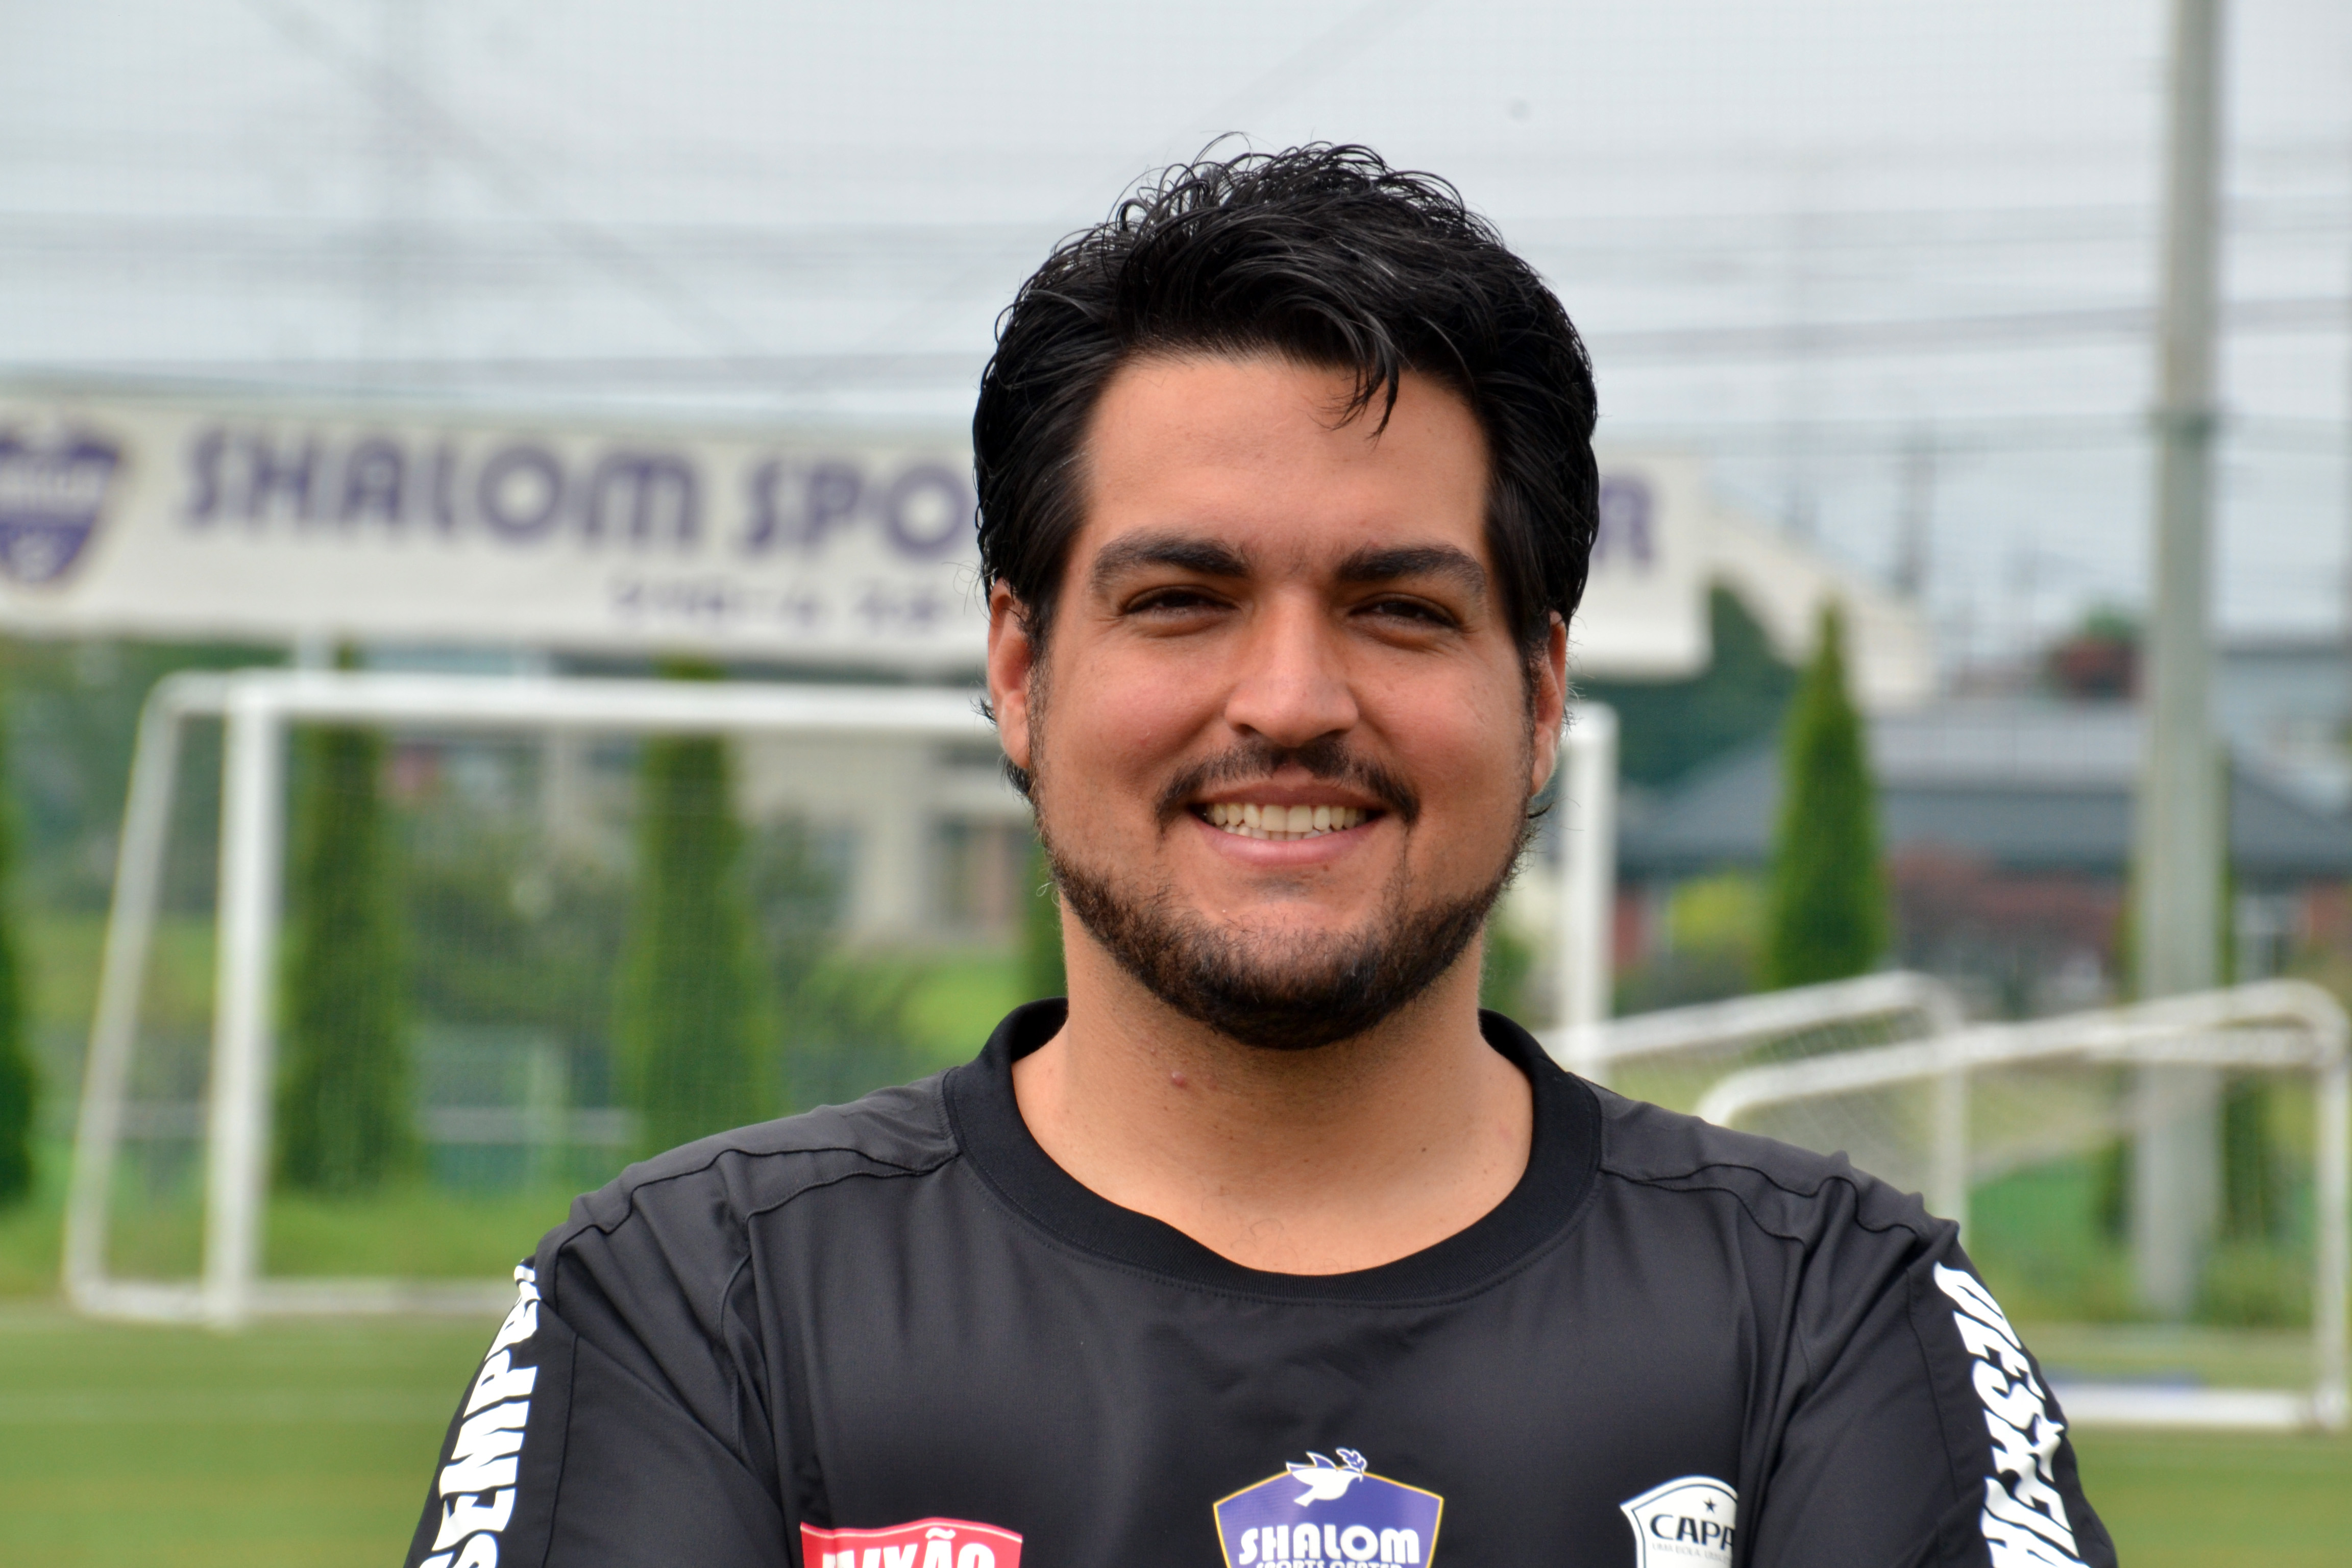 コスタ ケラーコーチの写真